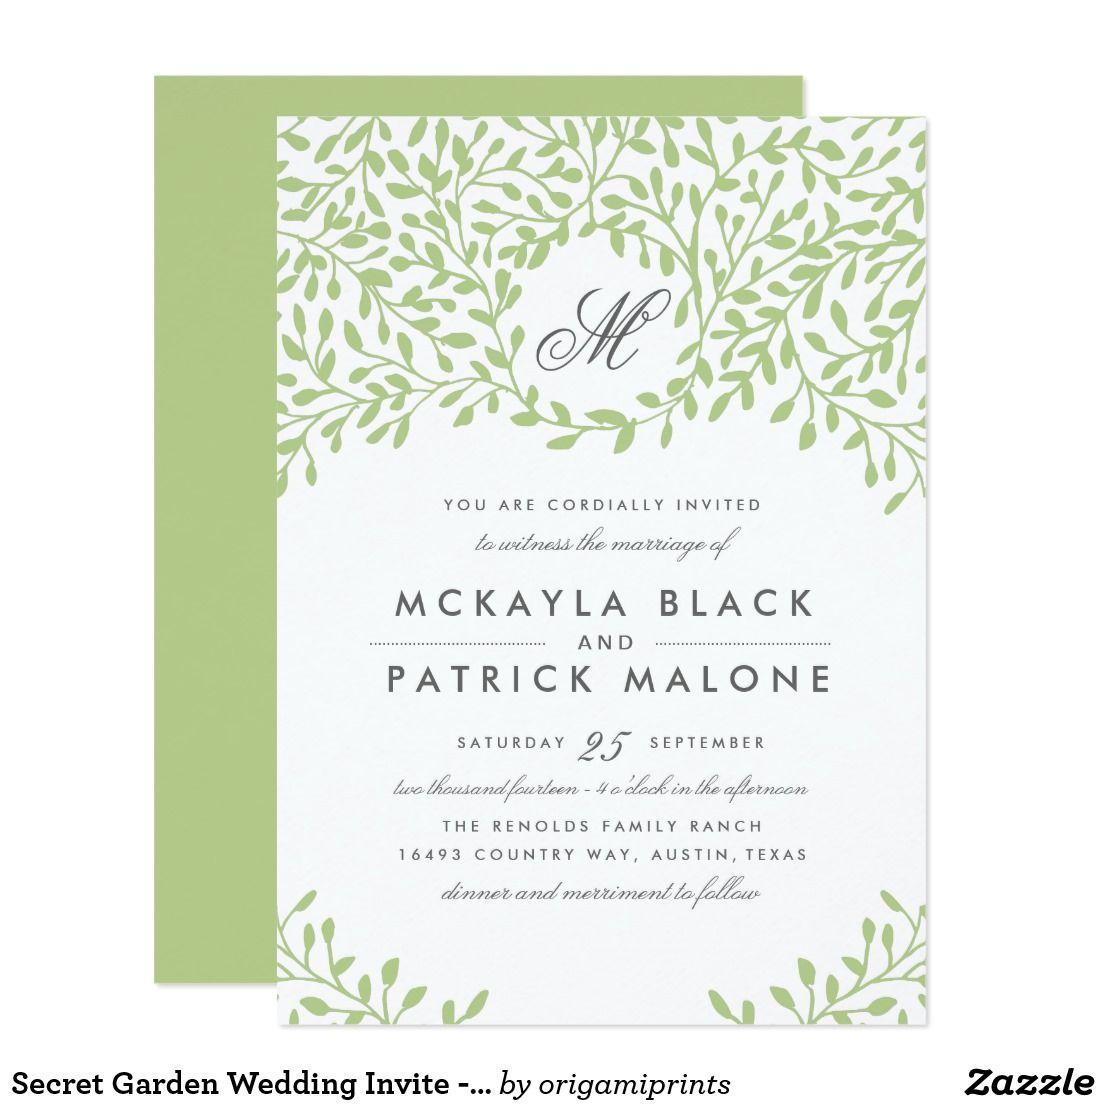 Secret Garden Wedding Invite - Green   Wedding designs, Floral ...